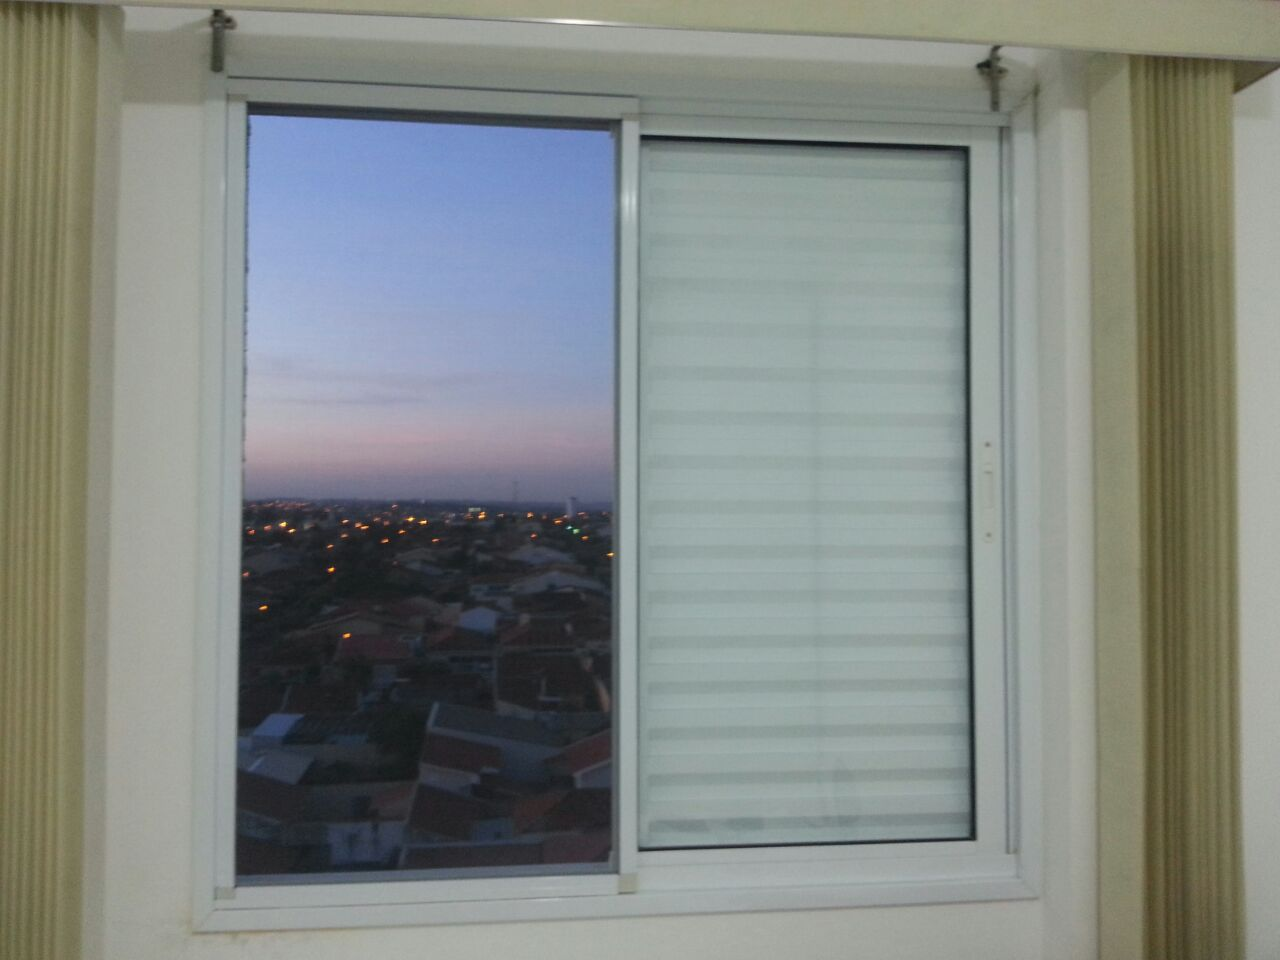 Tela Mosquiteiro Ribeirao Preto Apartamento Terezinha2 Tela Bella